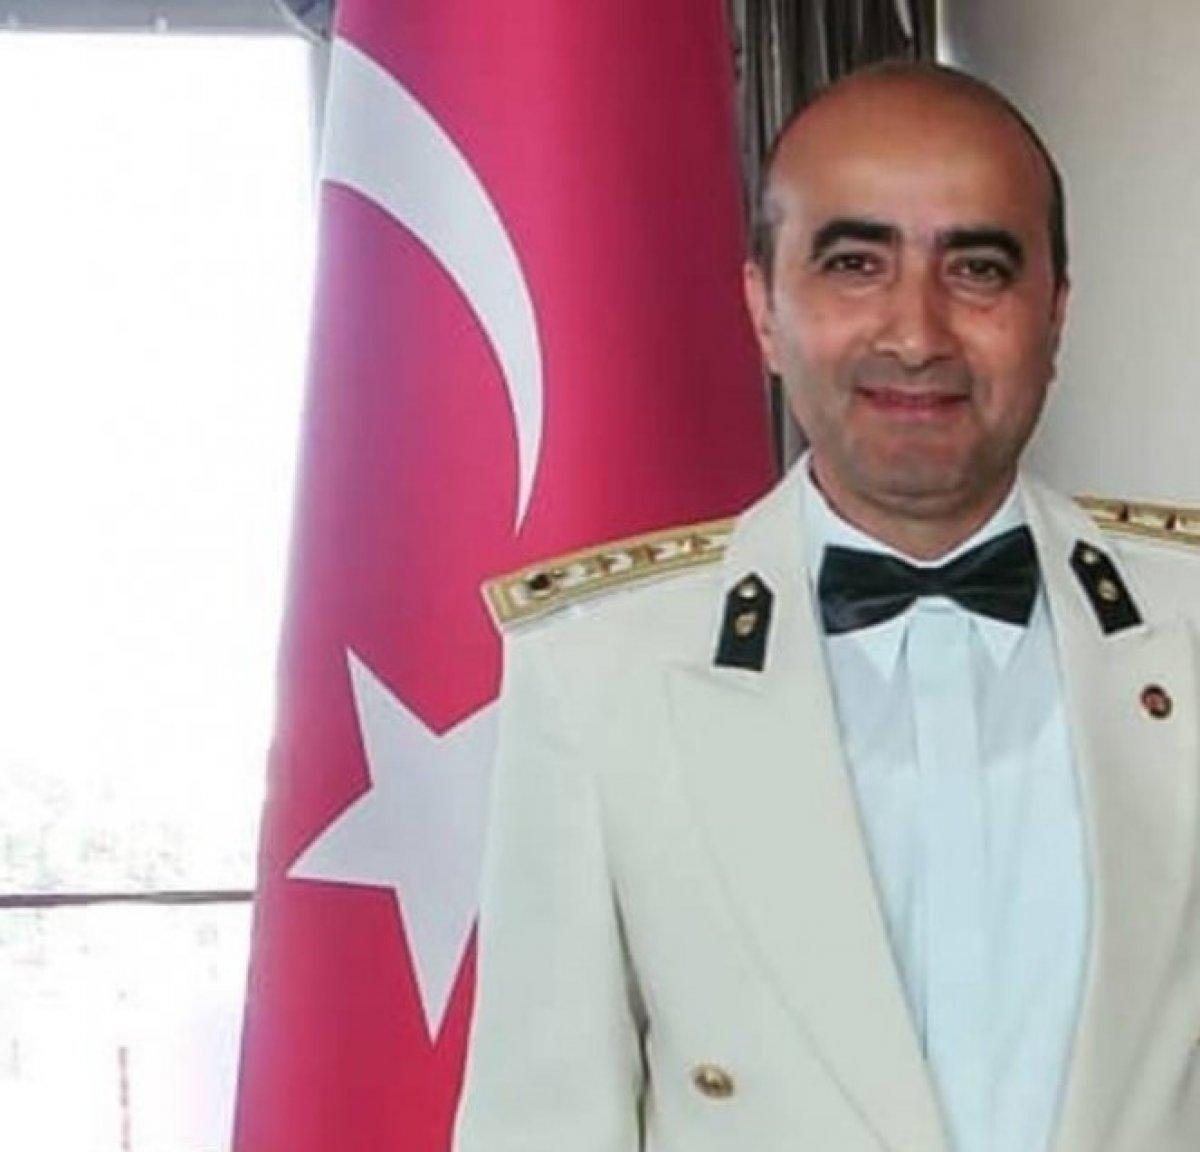 Bitlis teki kazada şehit olan askerlerin kimlikleri belli oldu  #3